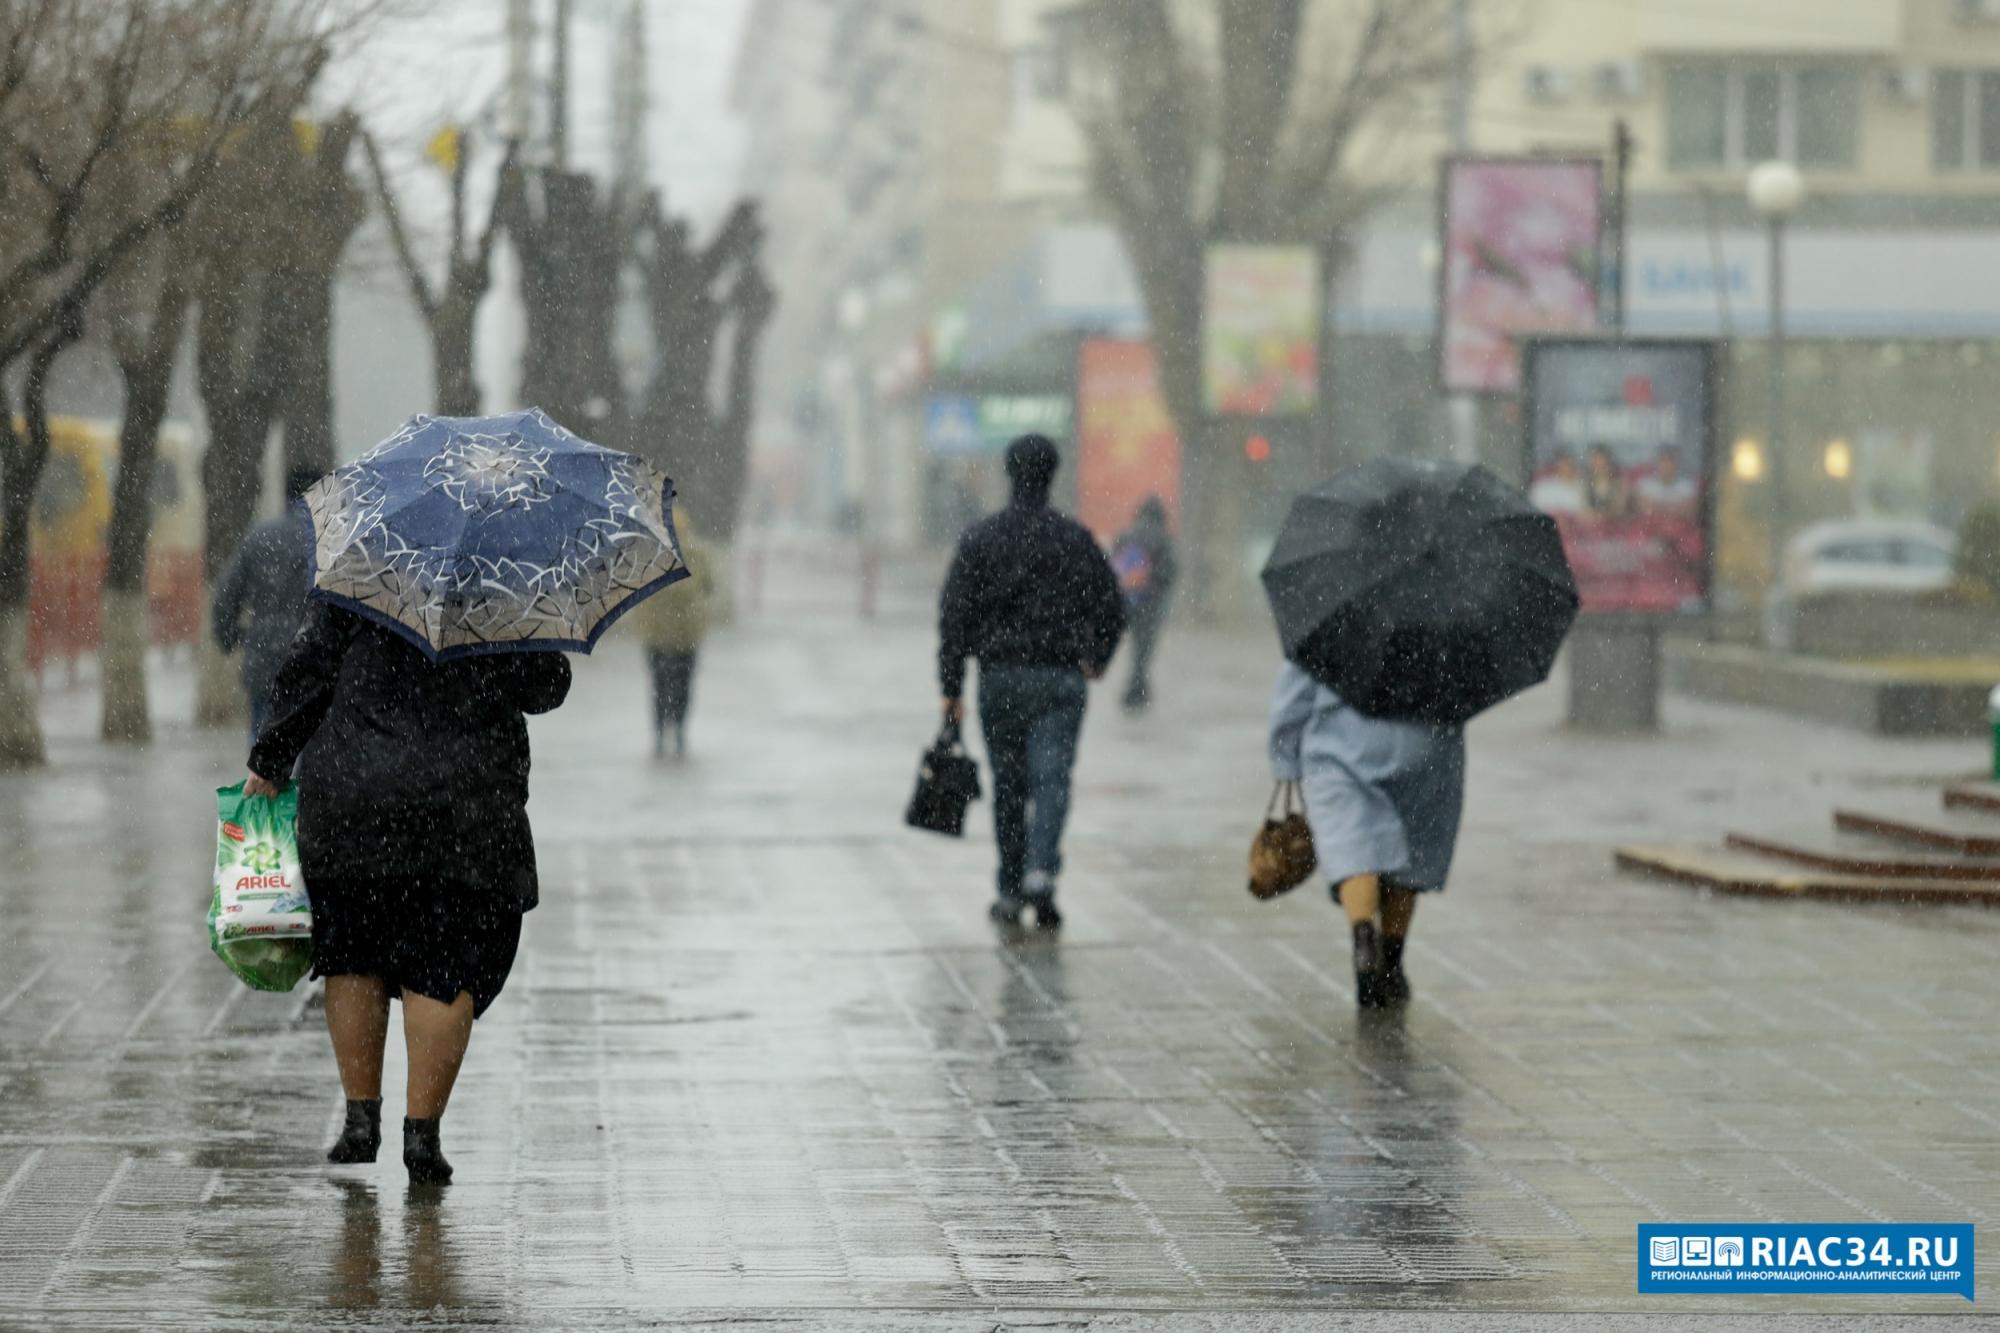 Дожди, начавшиеся ввыходные, продлятся нарабочей неделе